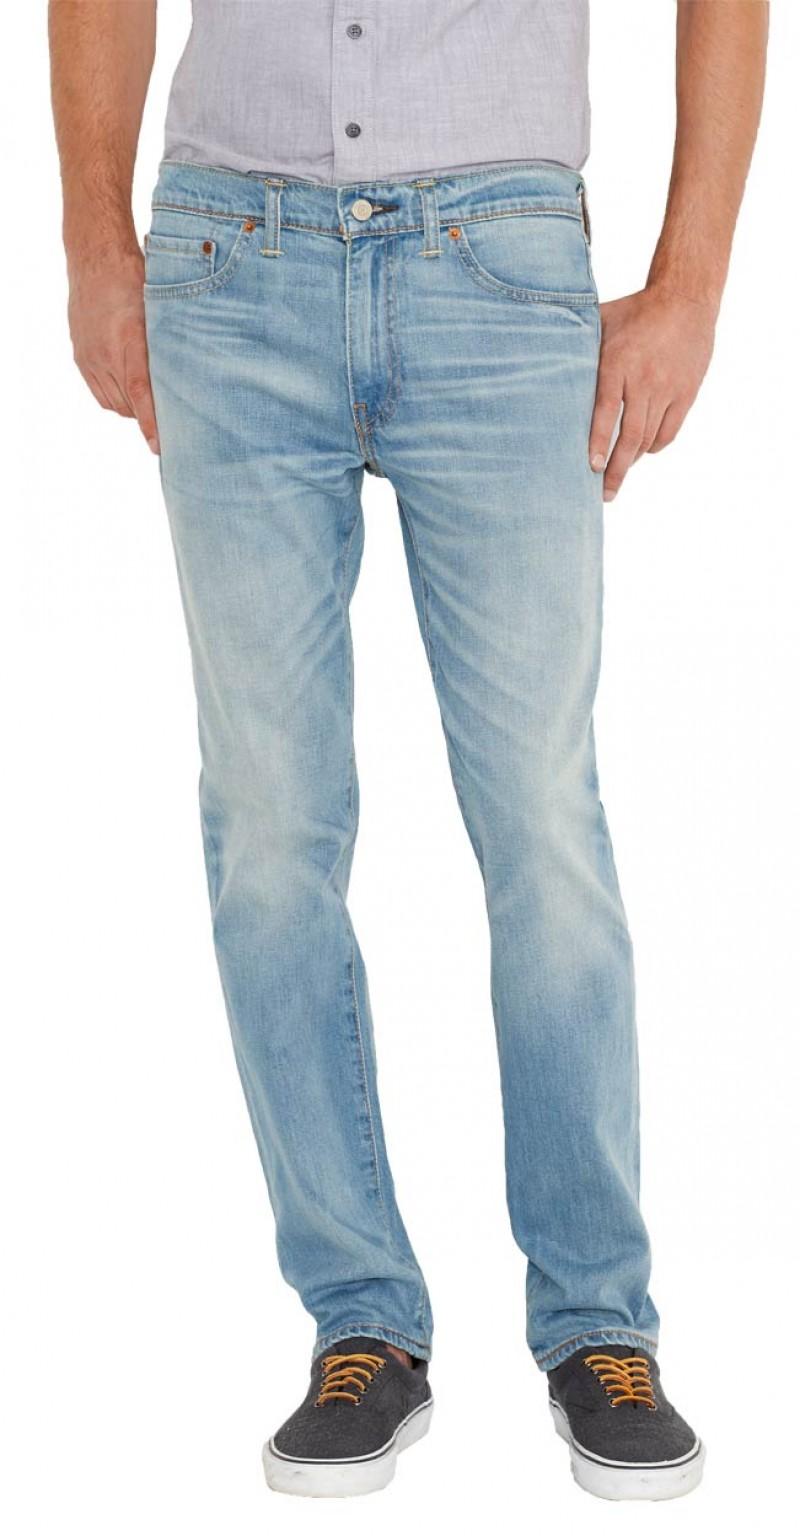 Levis 511 Jeans - Slim Fit - Aber v